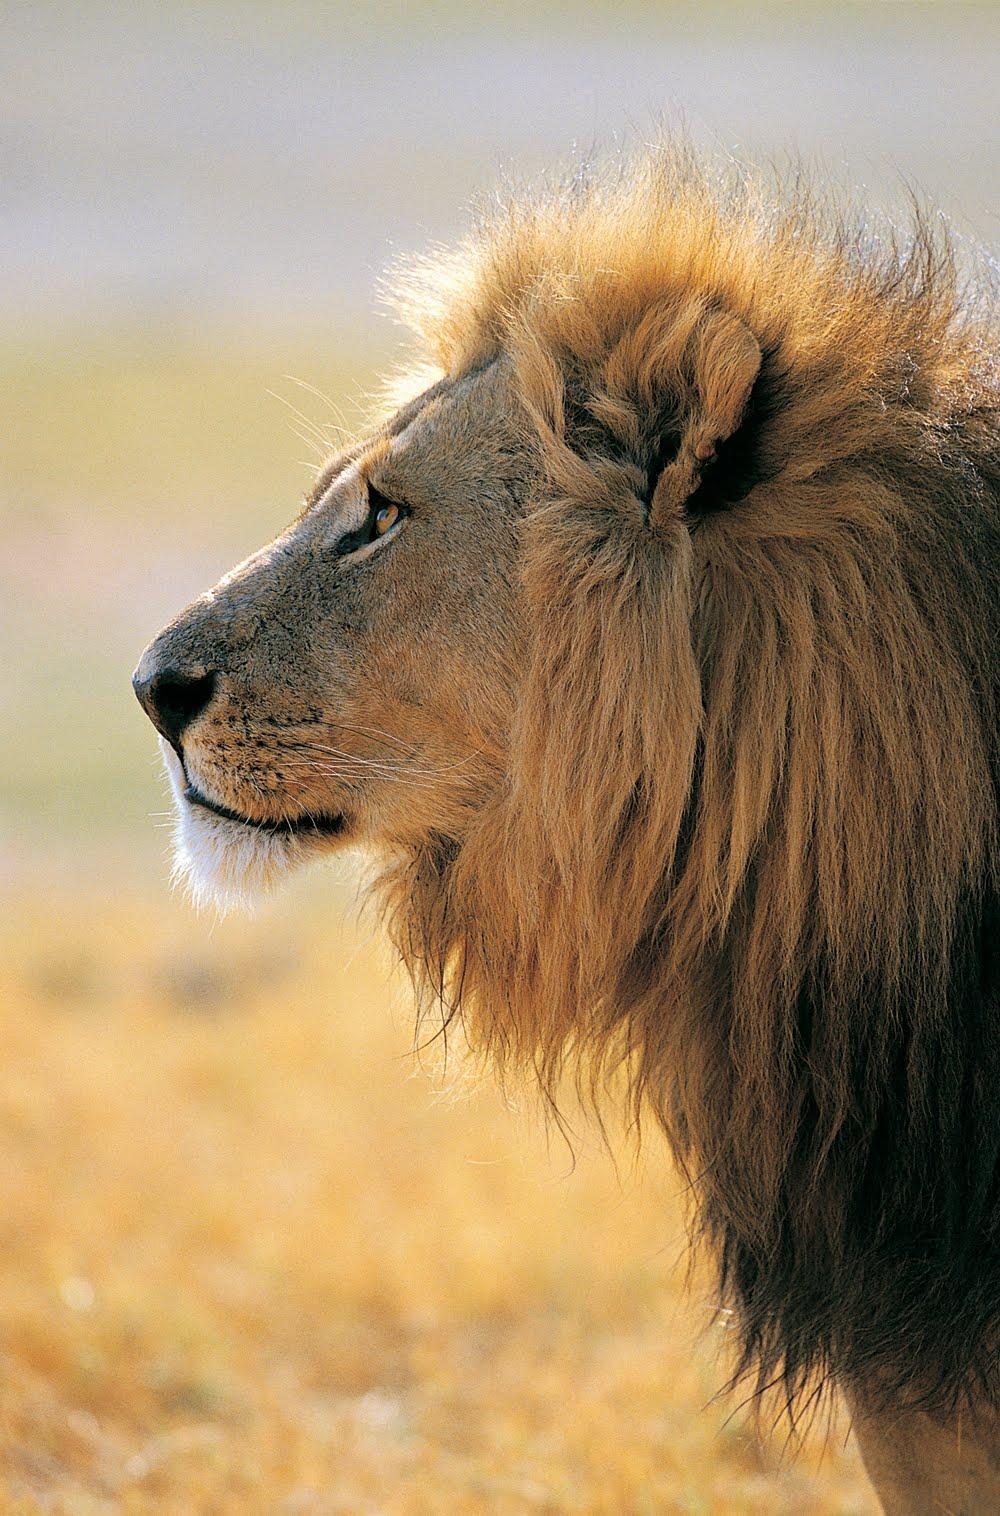 Fotografias De Stock Samiramay: BANCO DE IMÁGENES: Animales Salvajes (16 Fotografías En